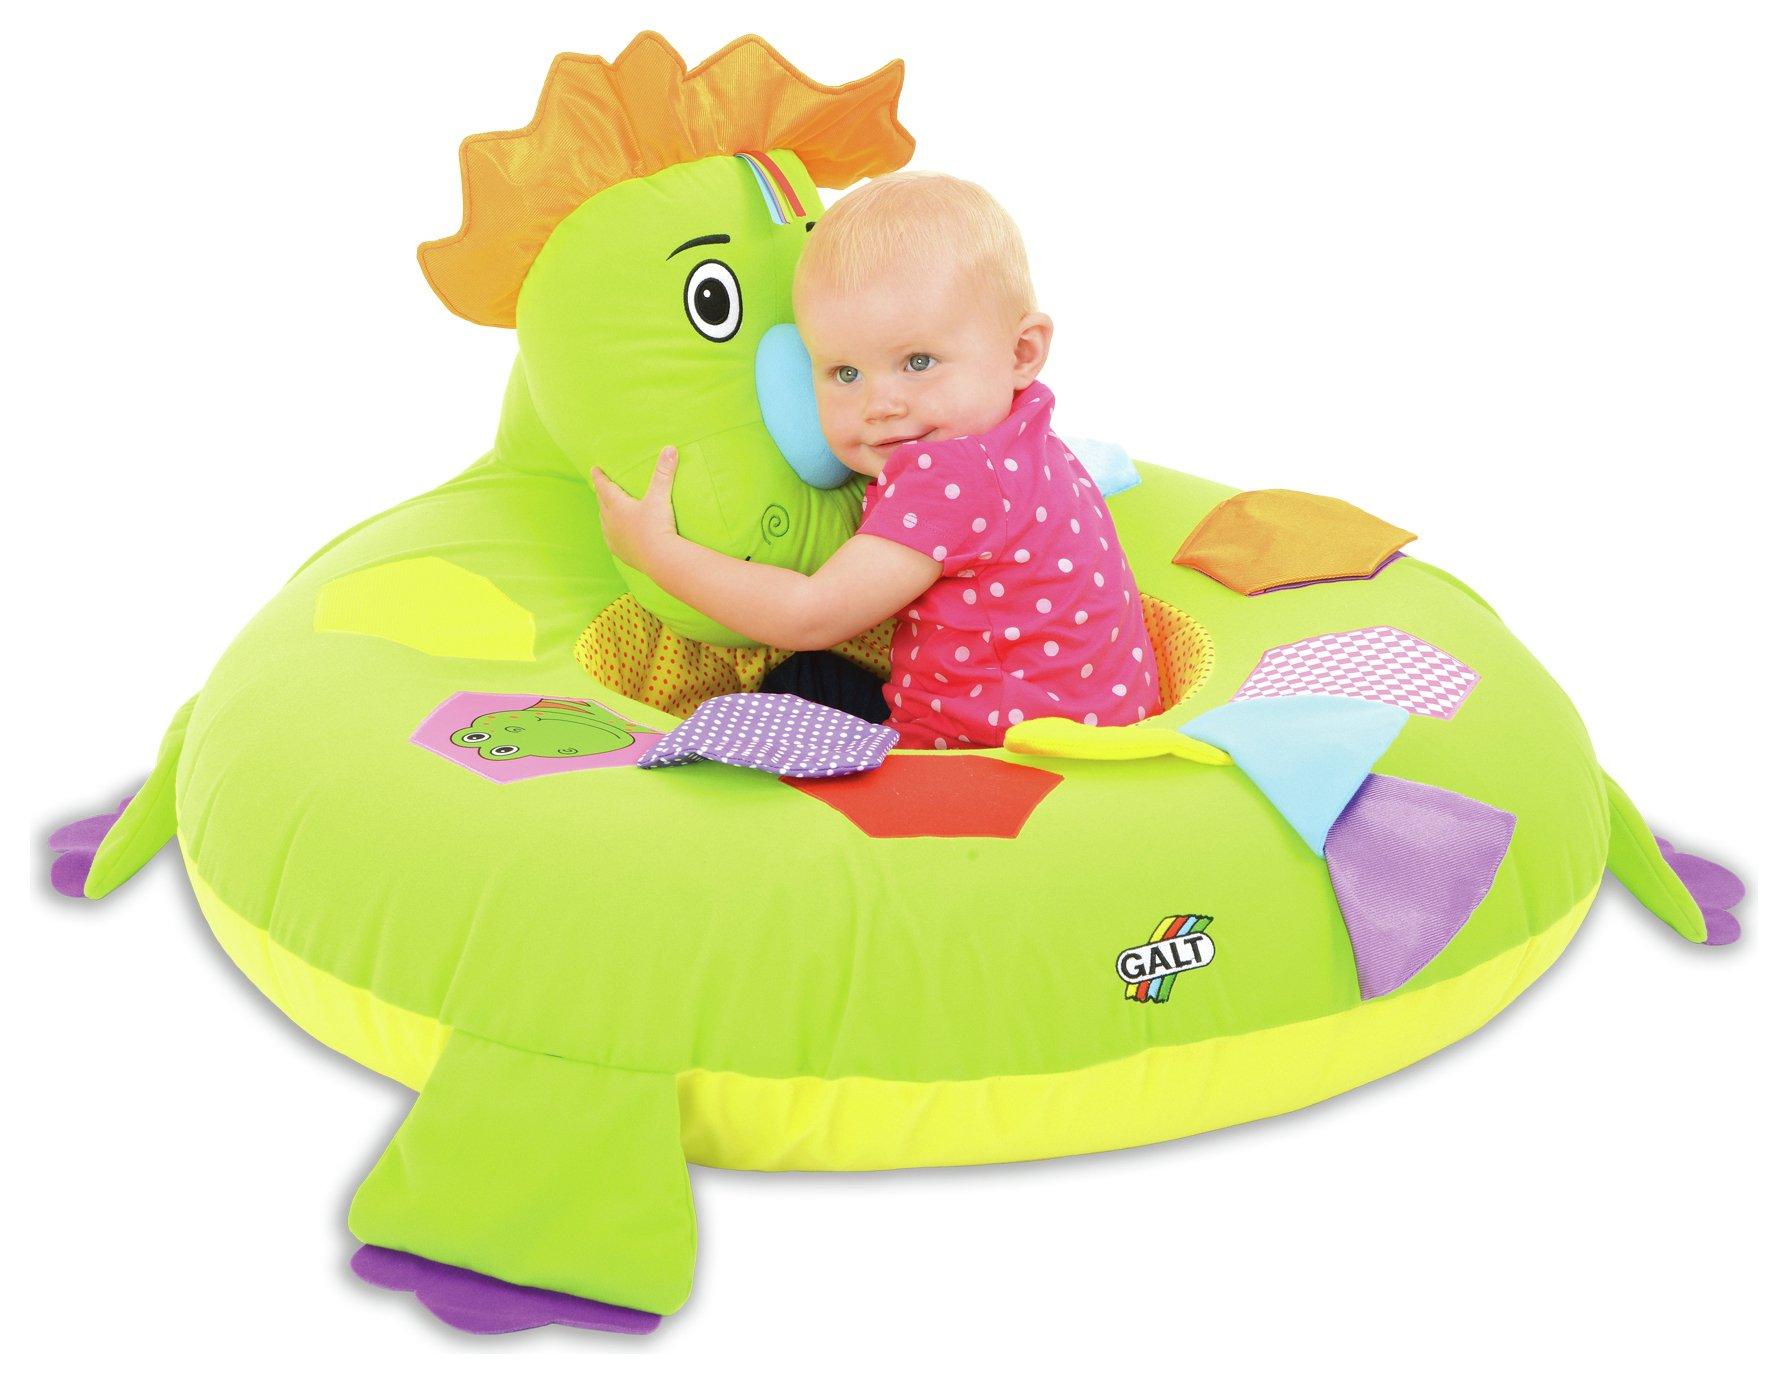 Galt Toys - Dino Playnest